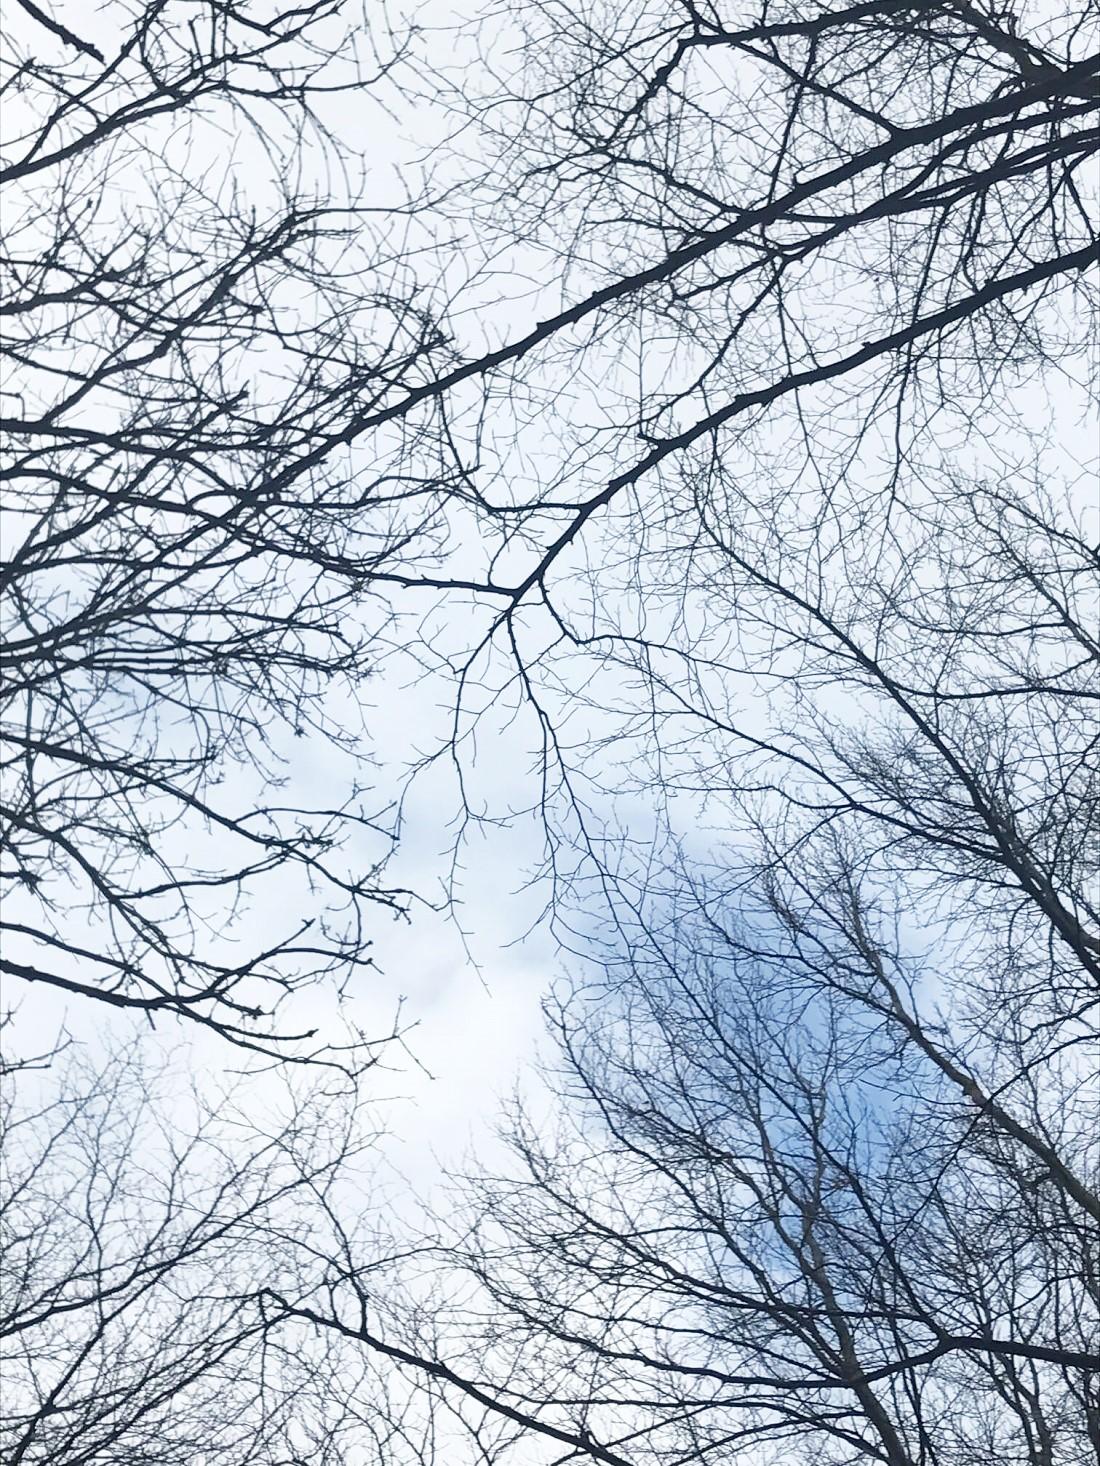 Frie tanker i skoven